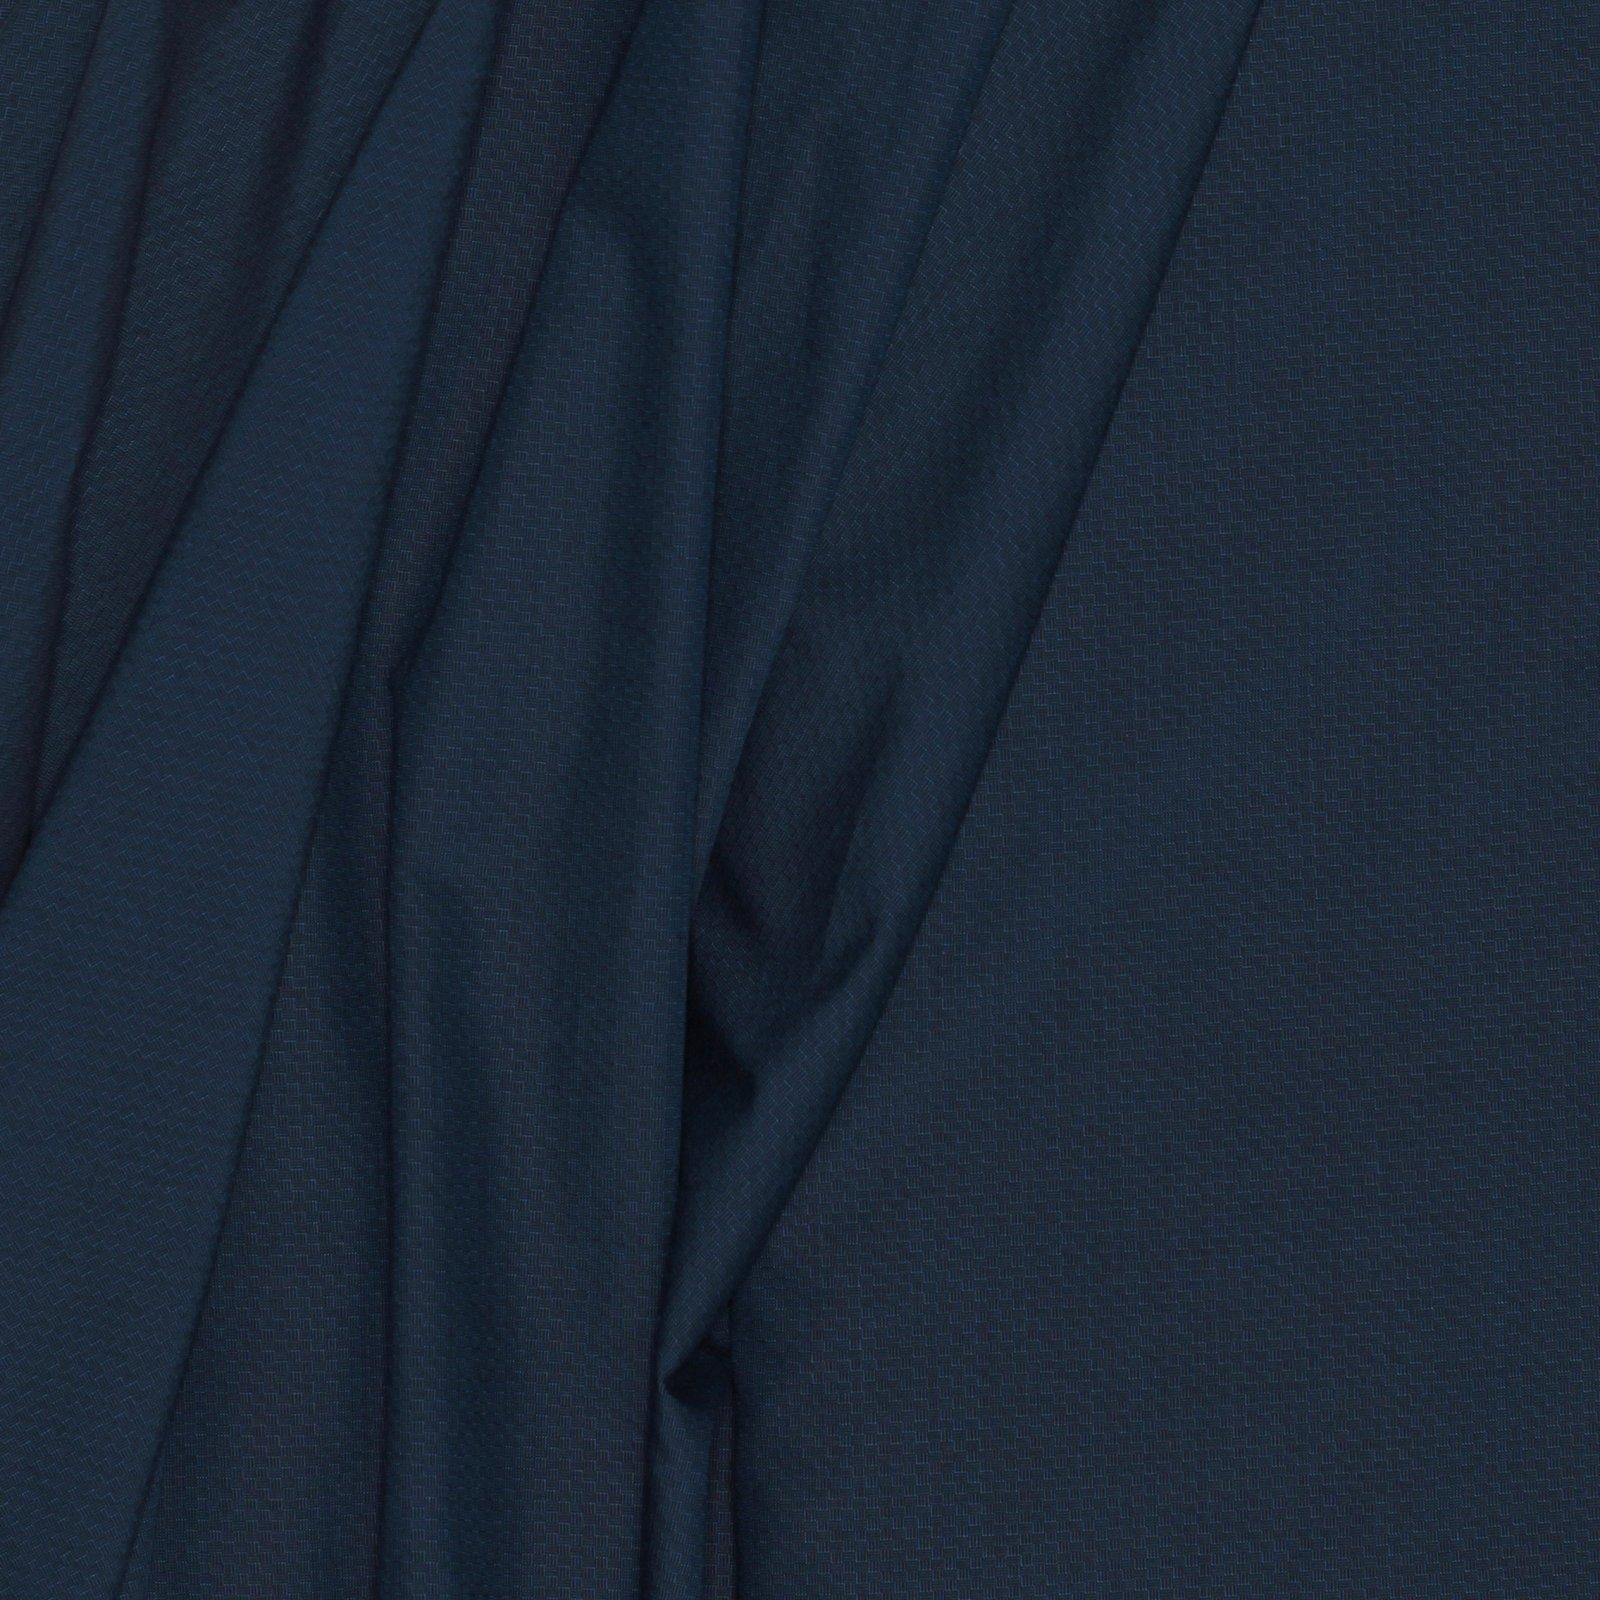 Deep Teal Italian Wool/Cotton/Lycra Blend